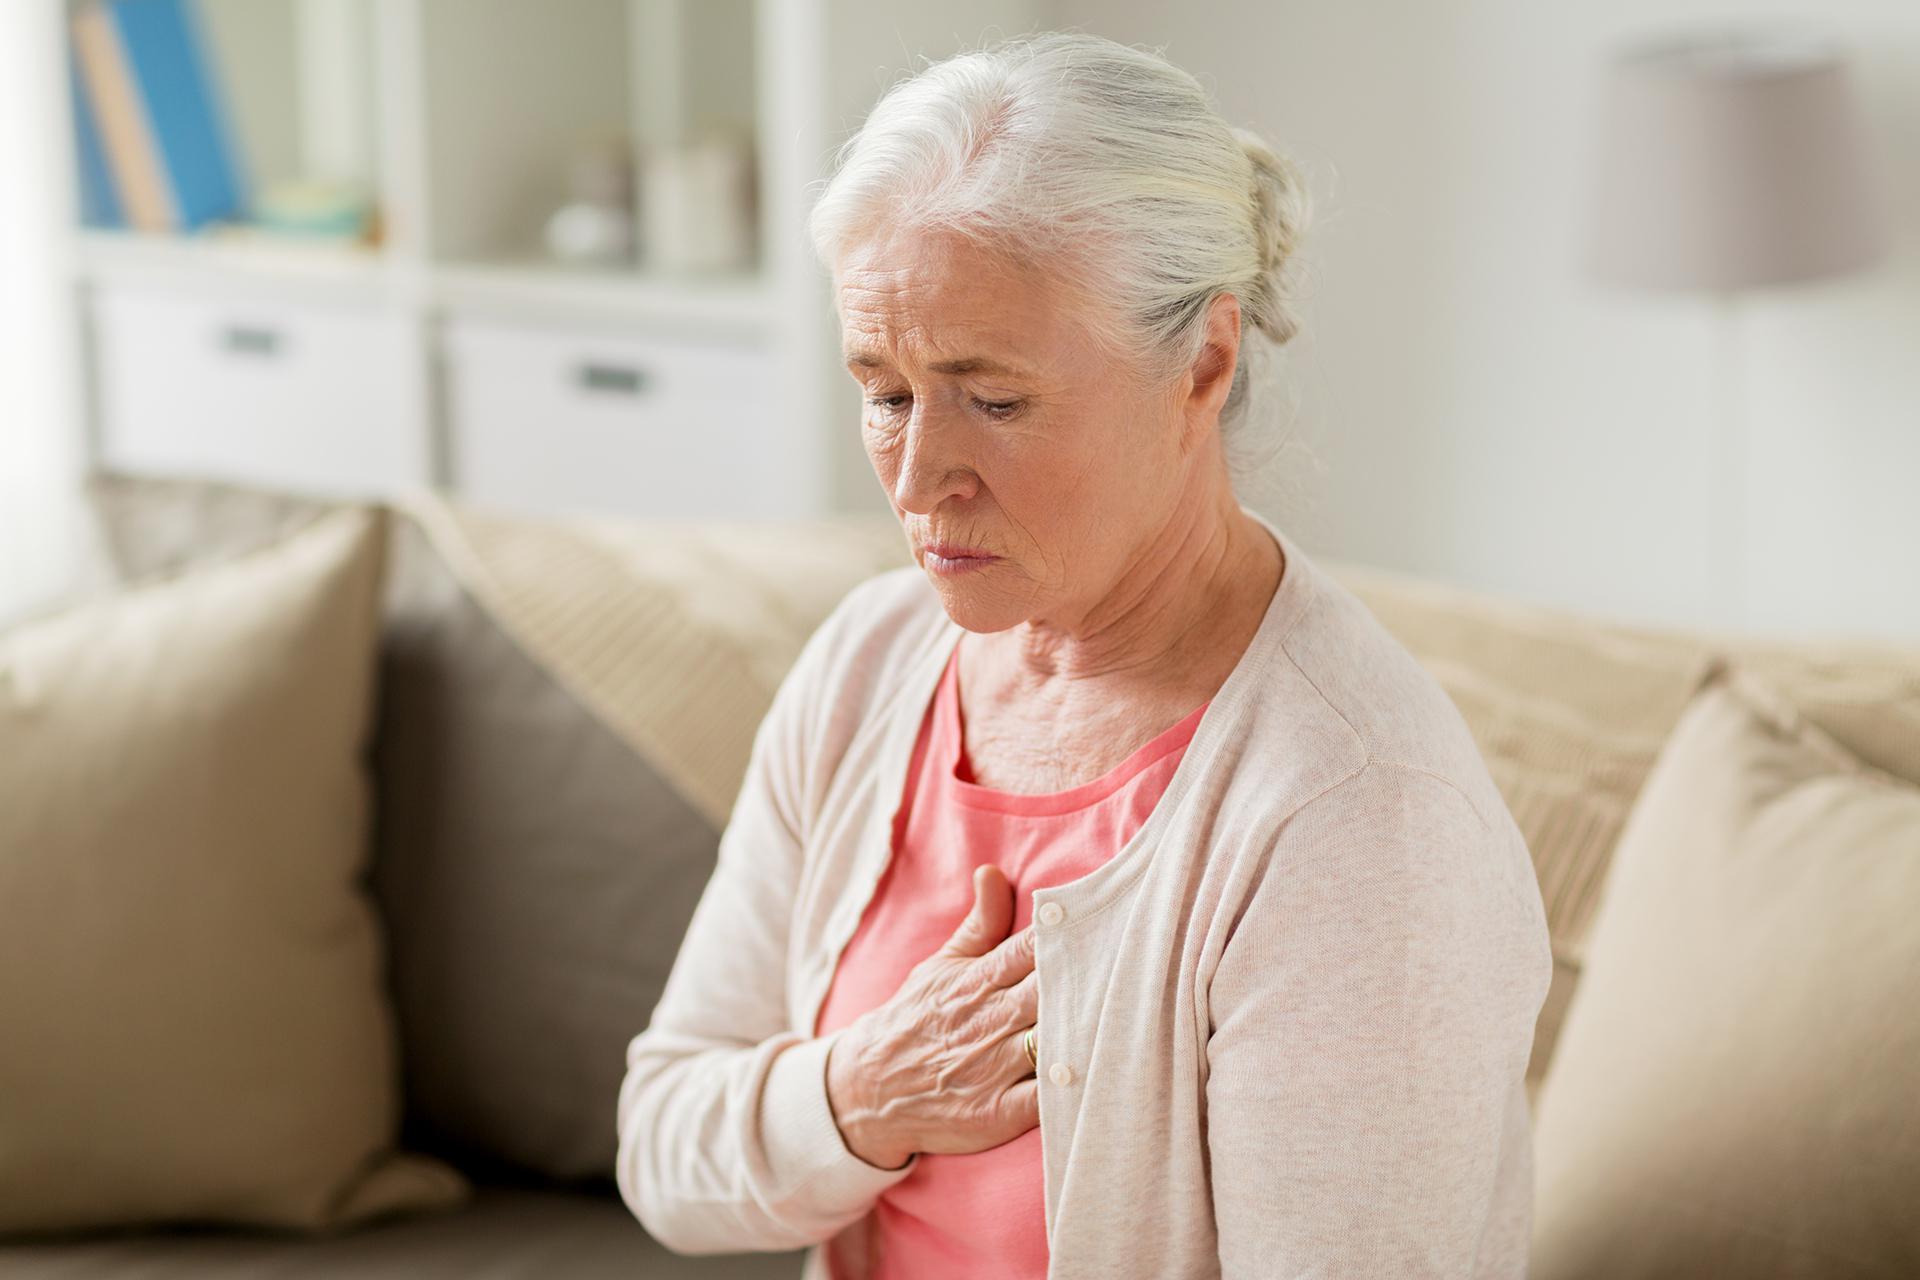 heart-patient-yorba-linda